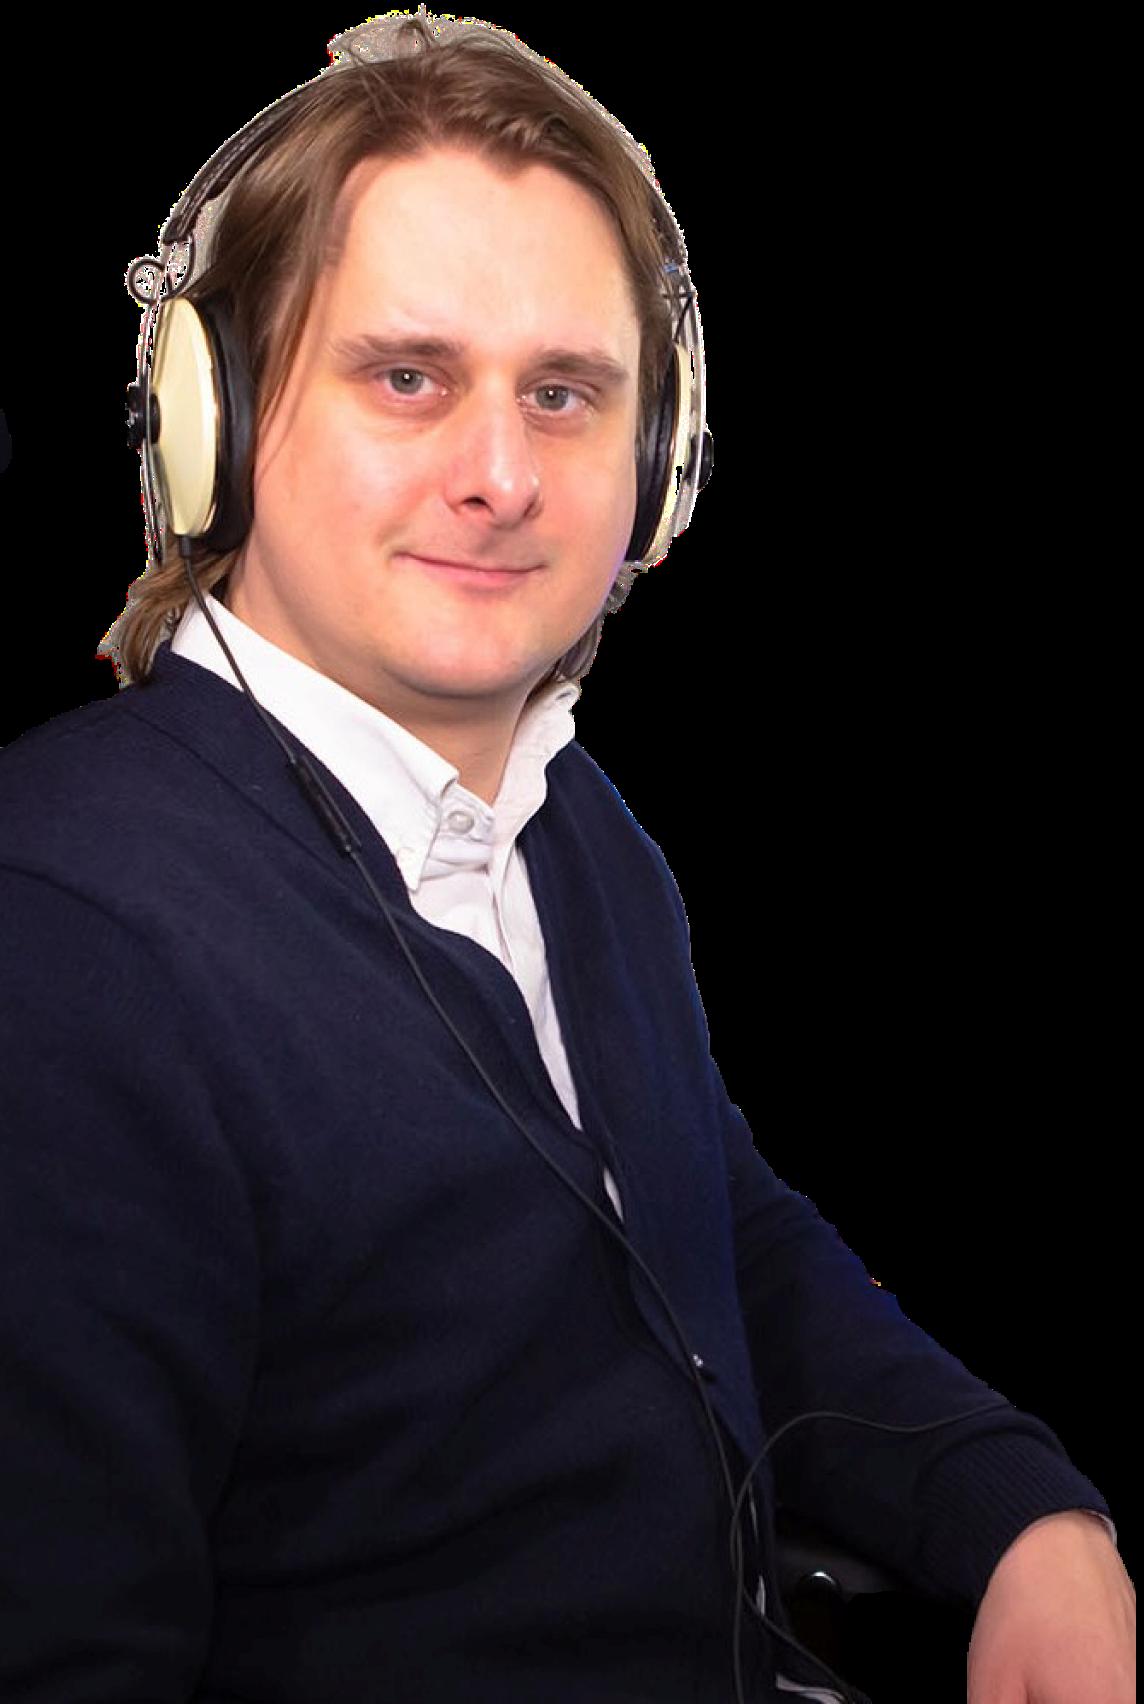 Joshua Robinson, director at Clockwork Dreams